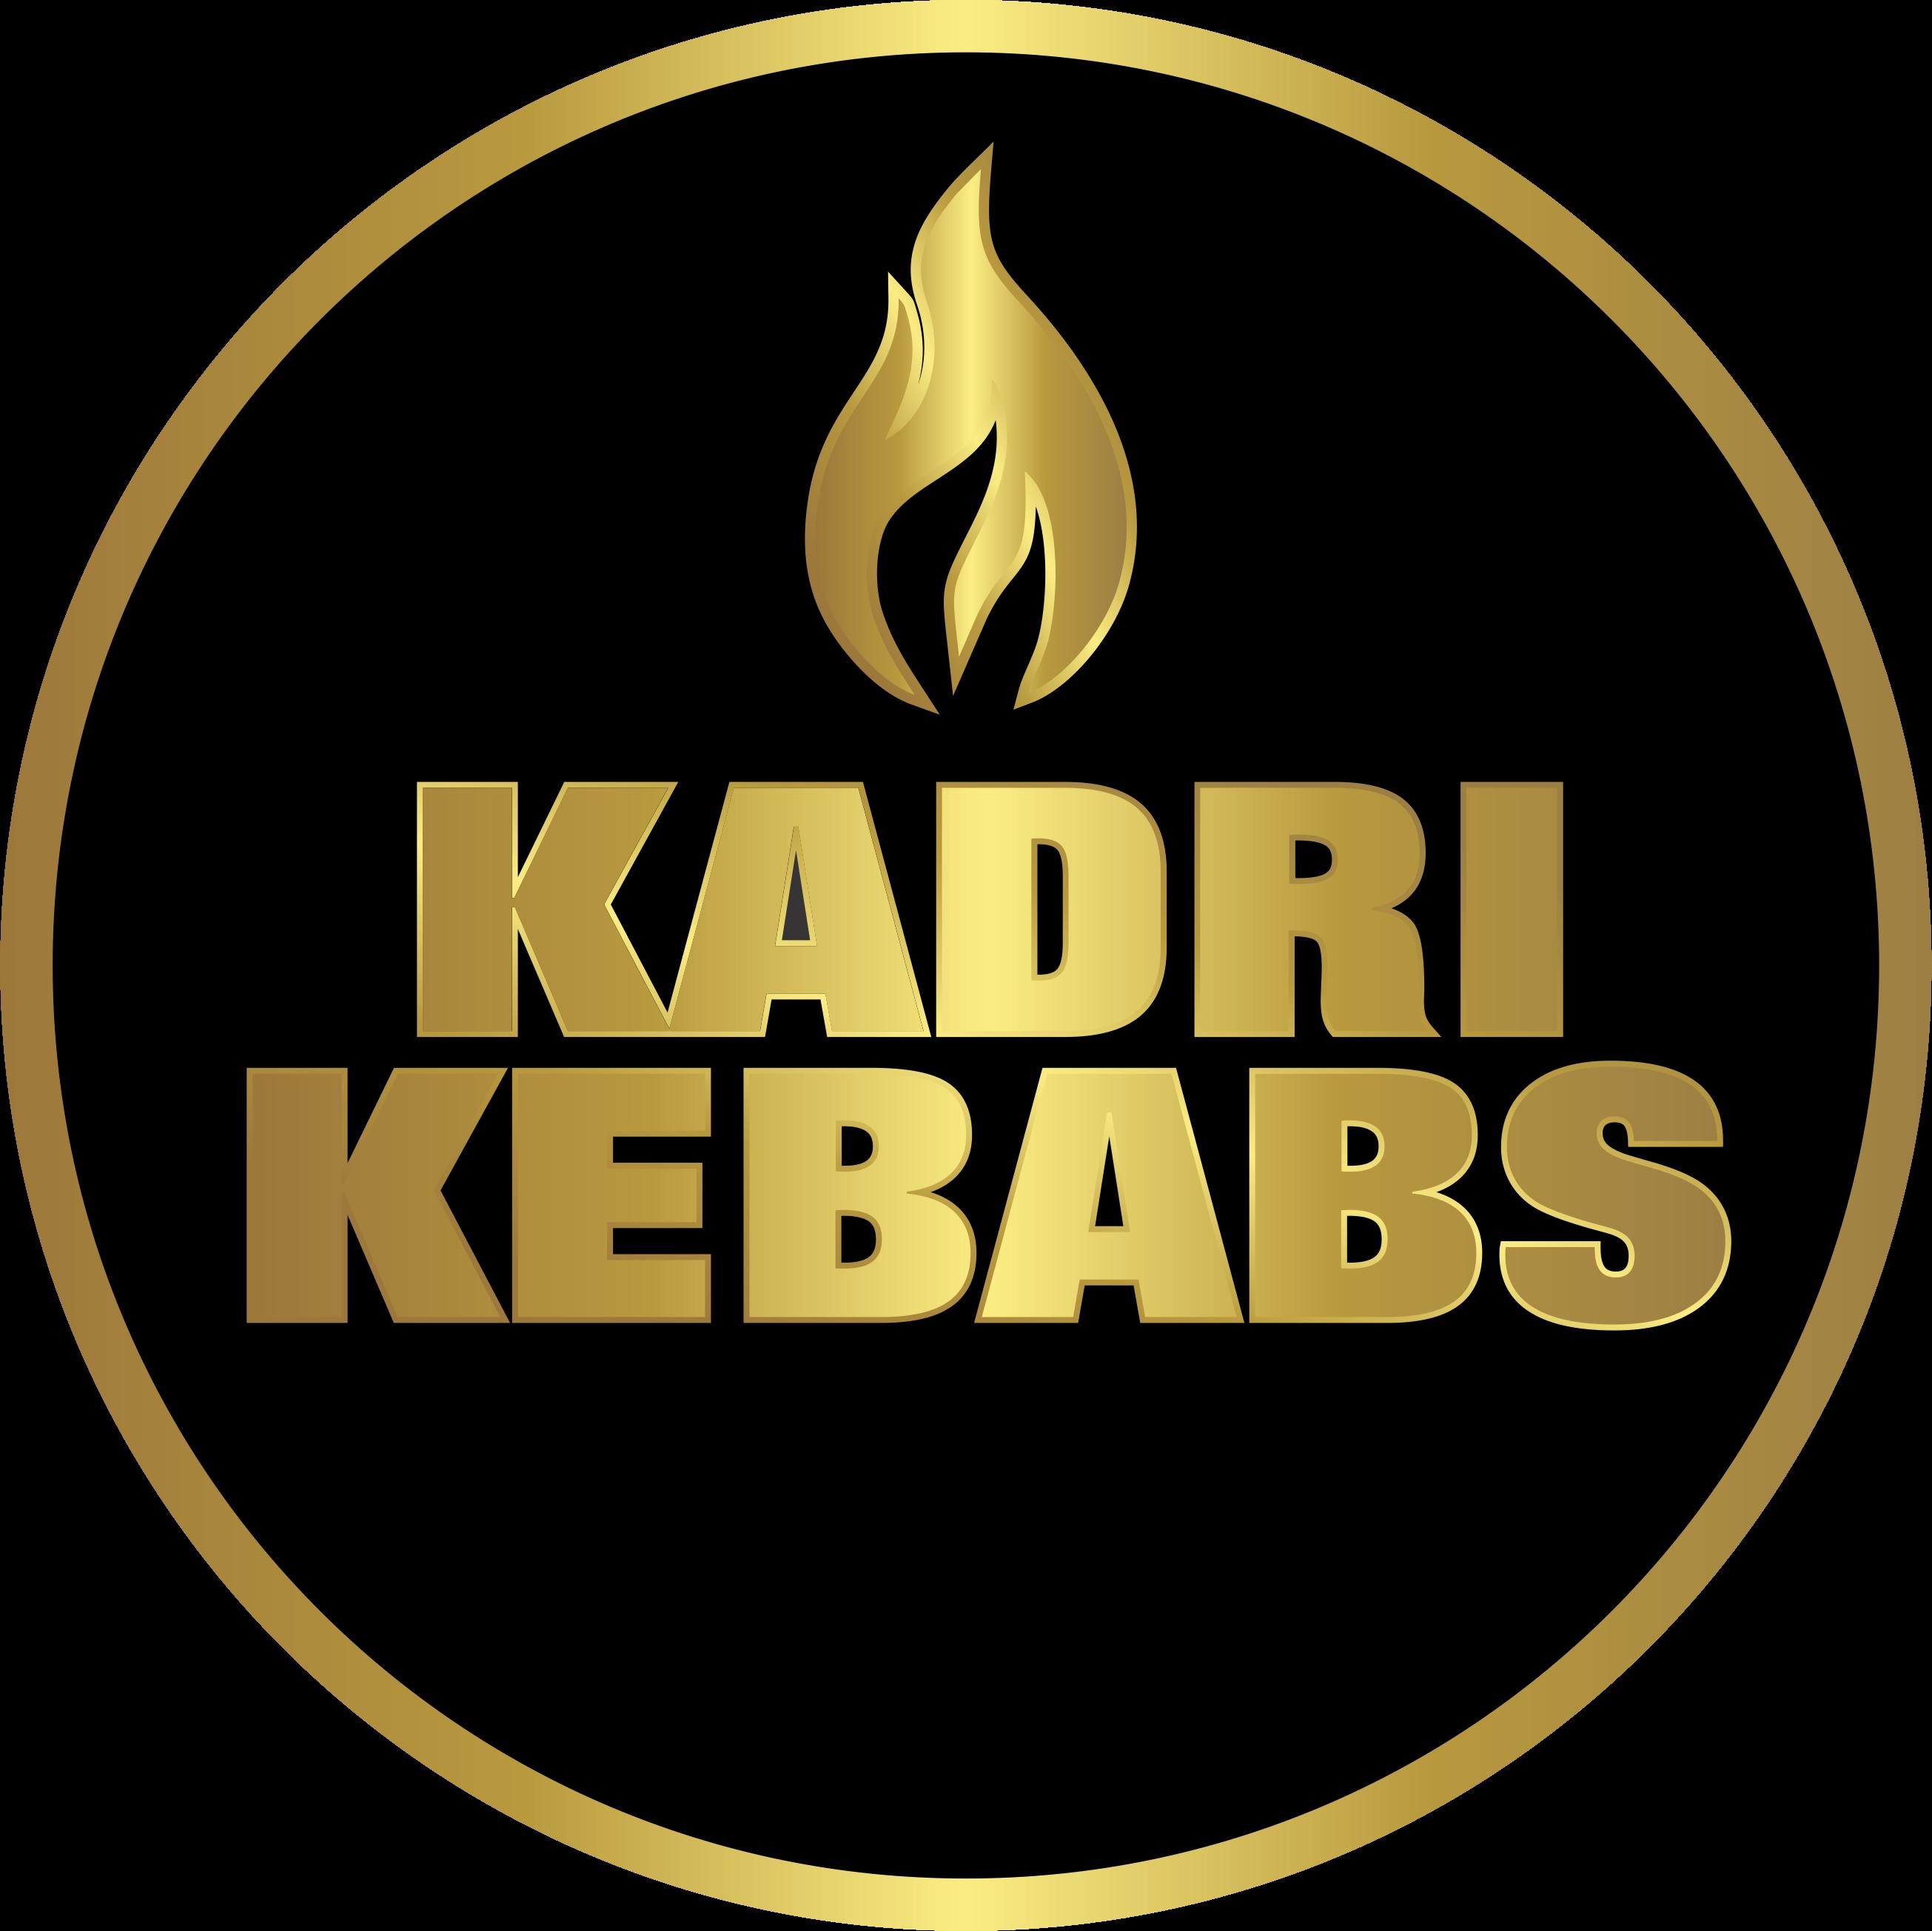 logo for Kadri Kebabs